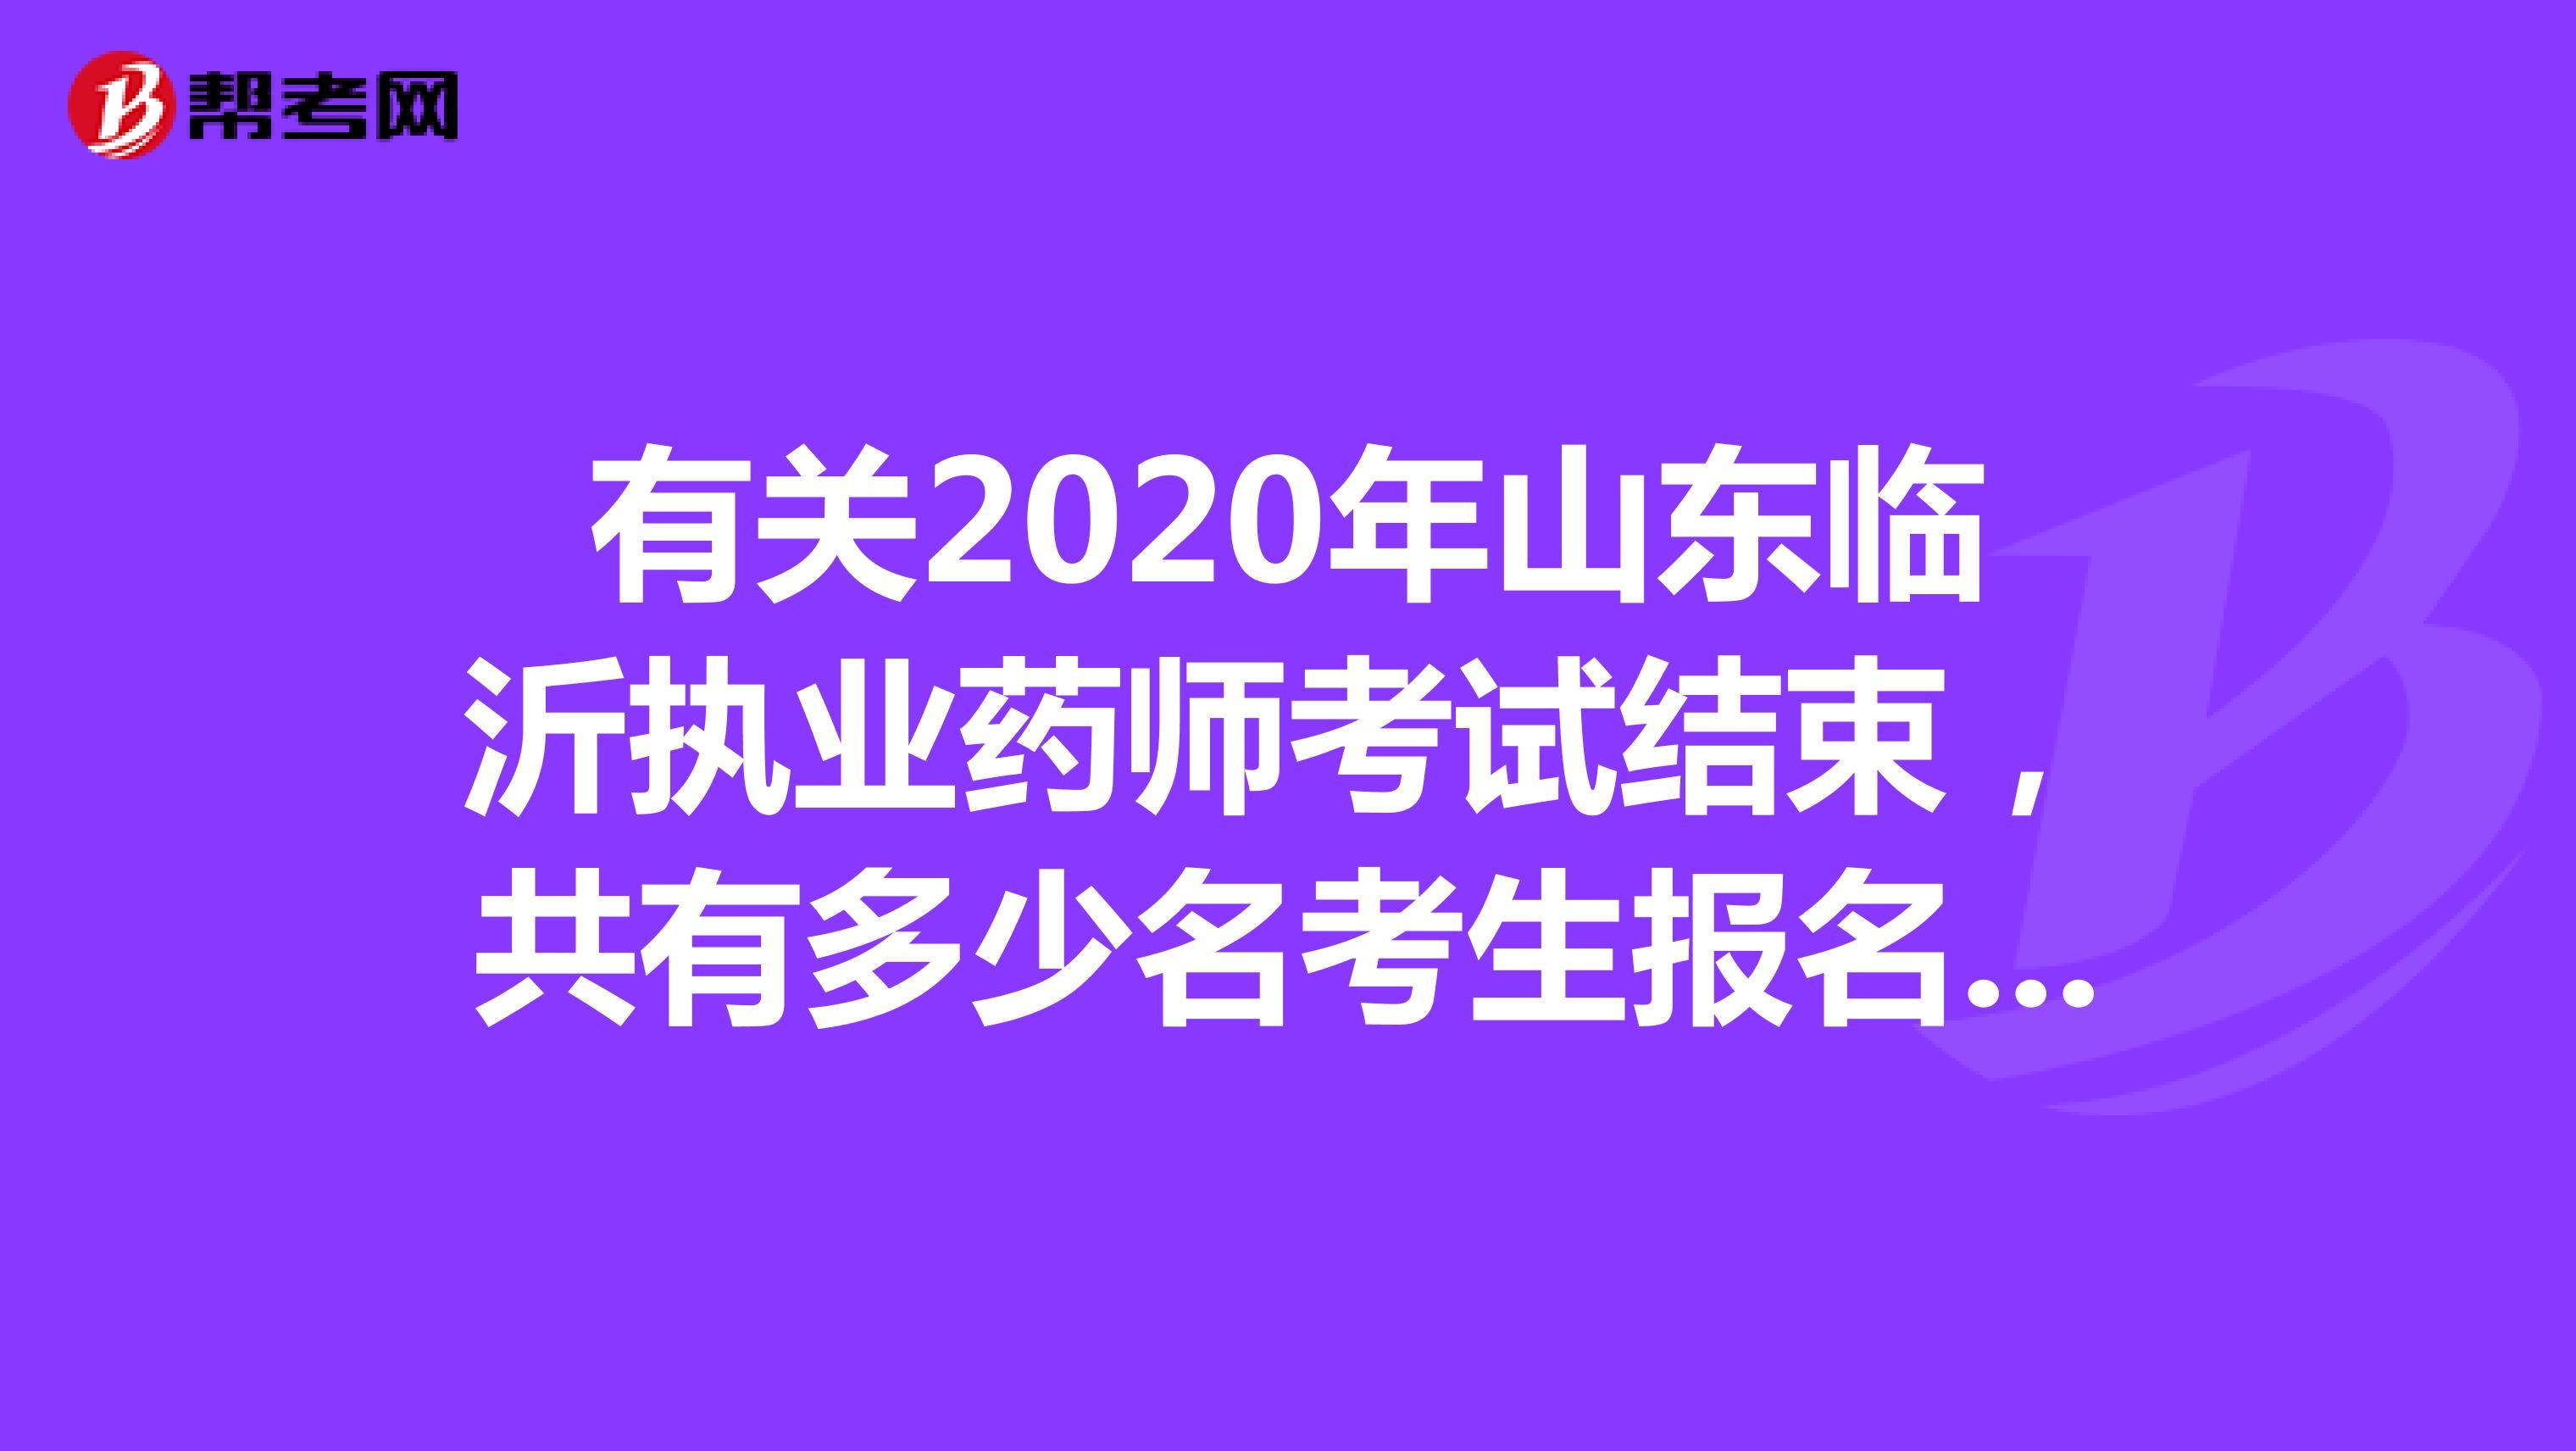 有关2020年山东临沂执业药师考试结束,共有多少名考生报名参加呢?